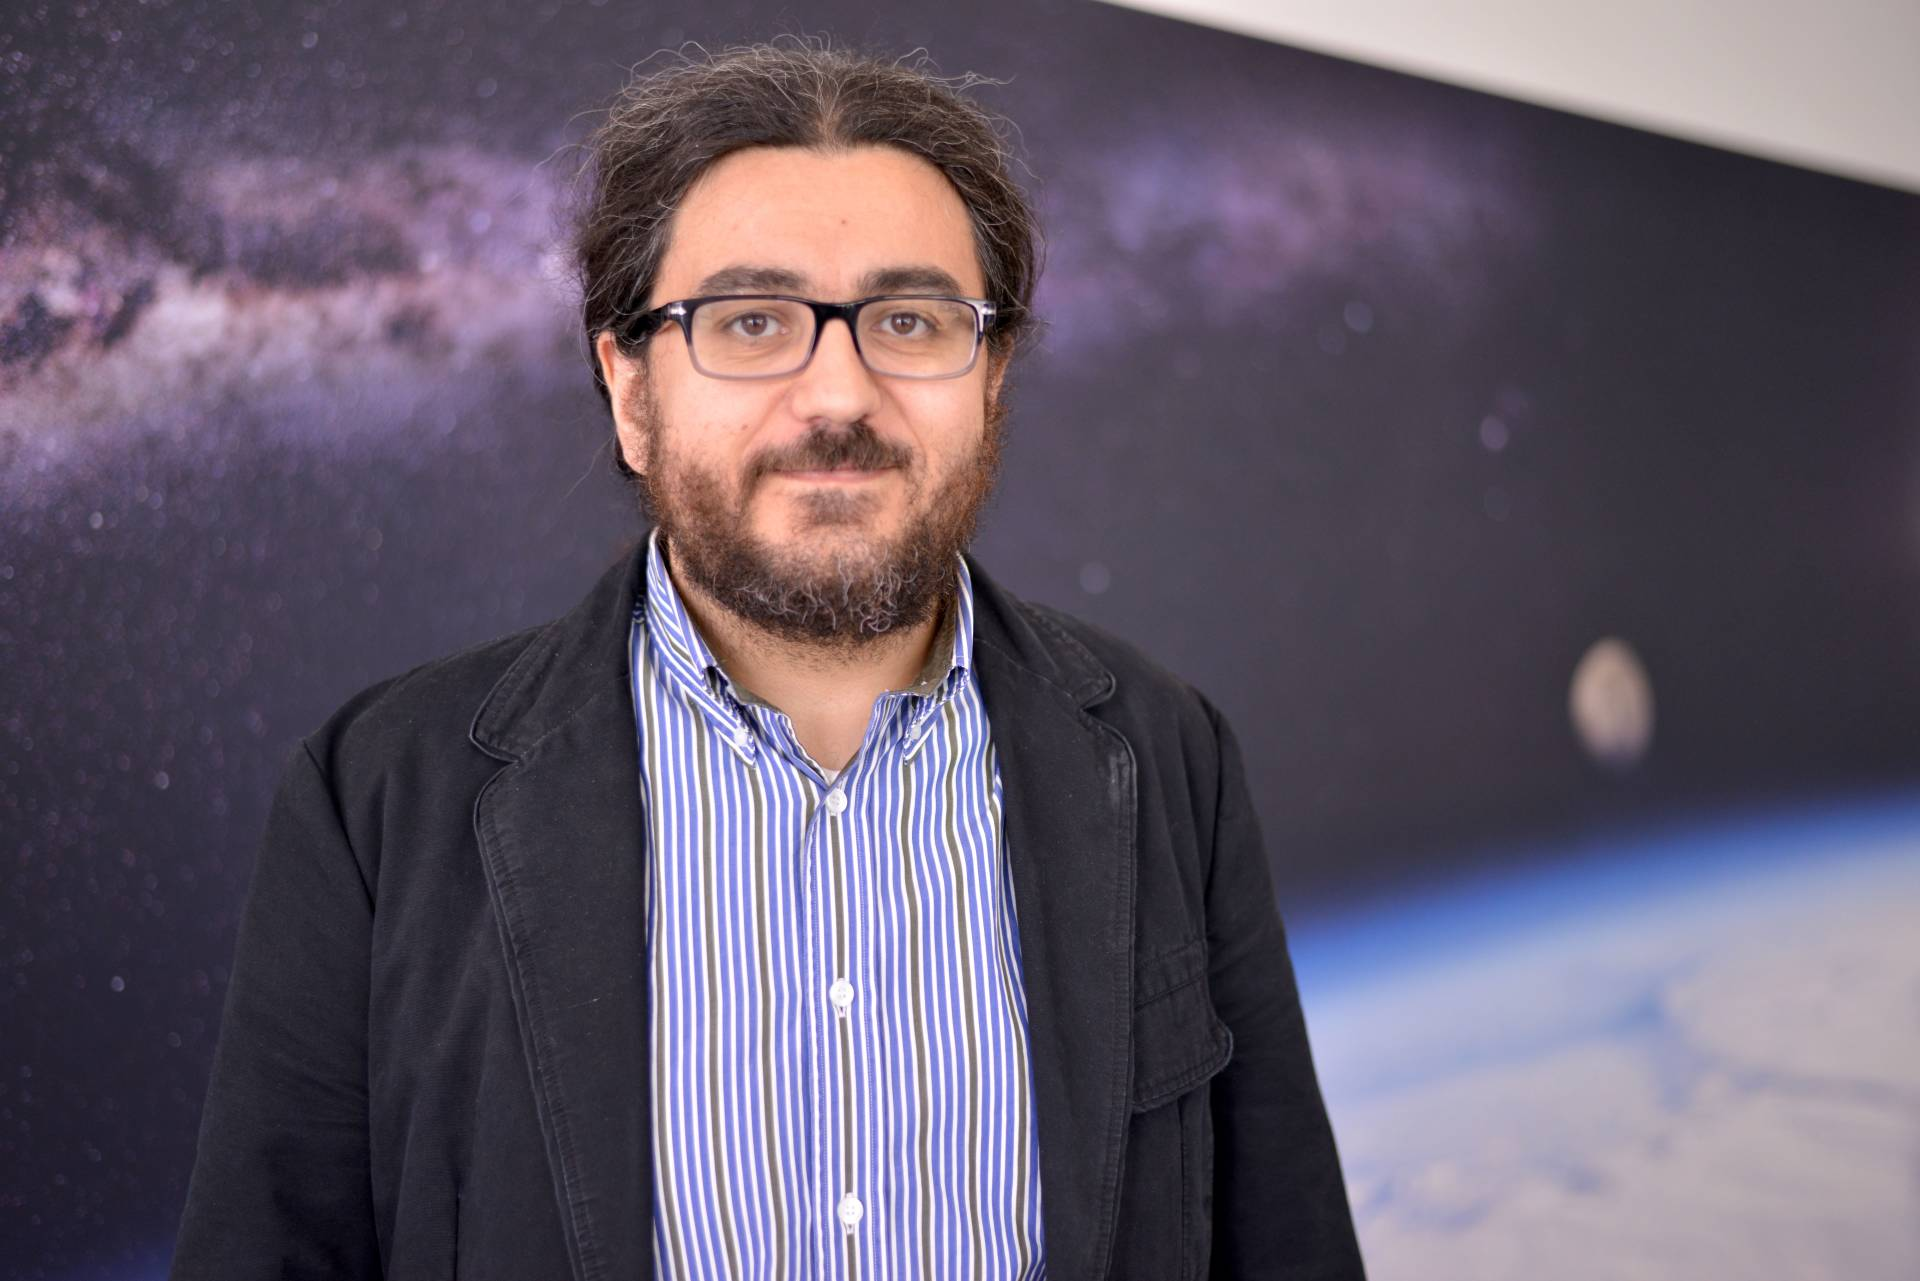 Savona ingegnere Sergio Palumberi associazione Giovani per la Scienza